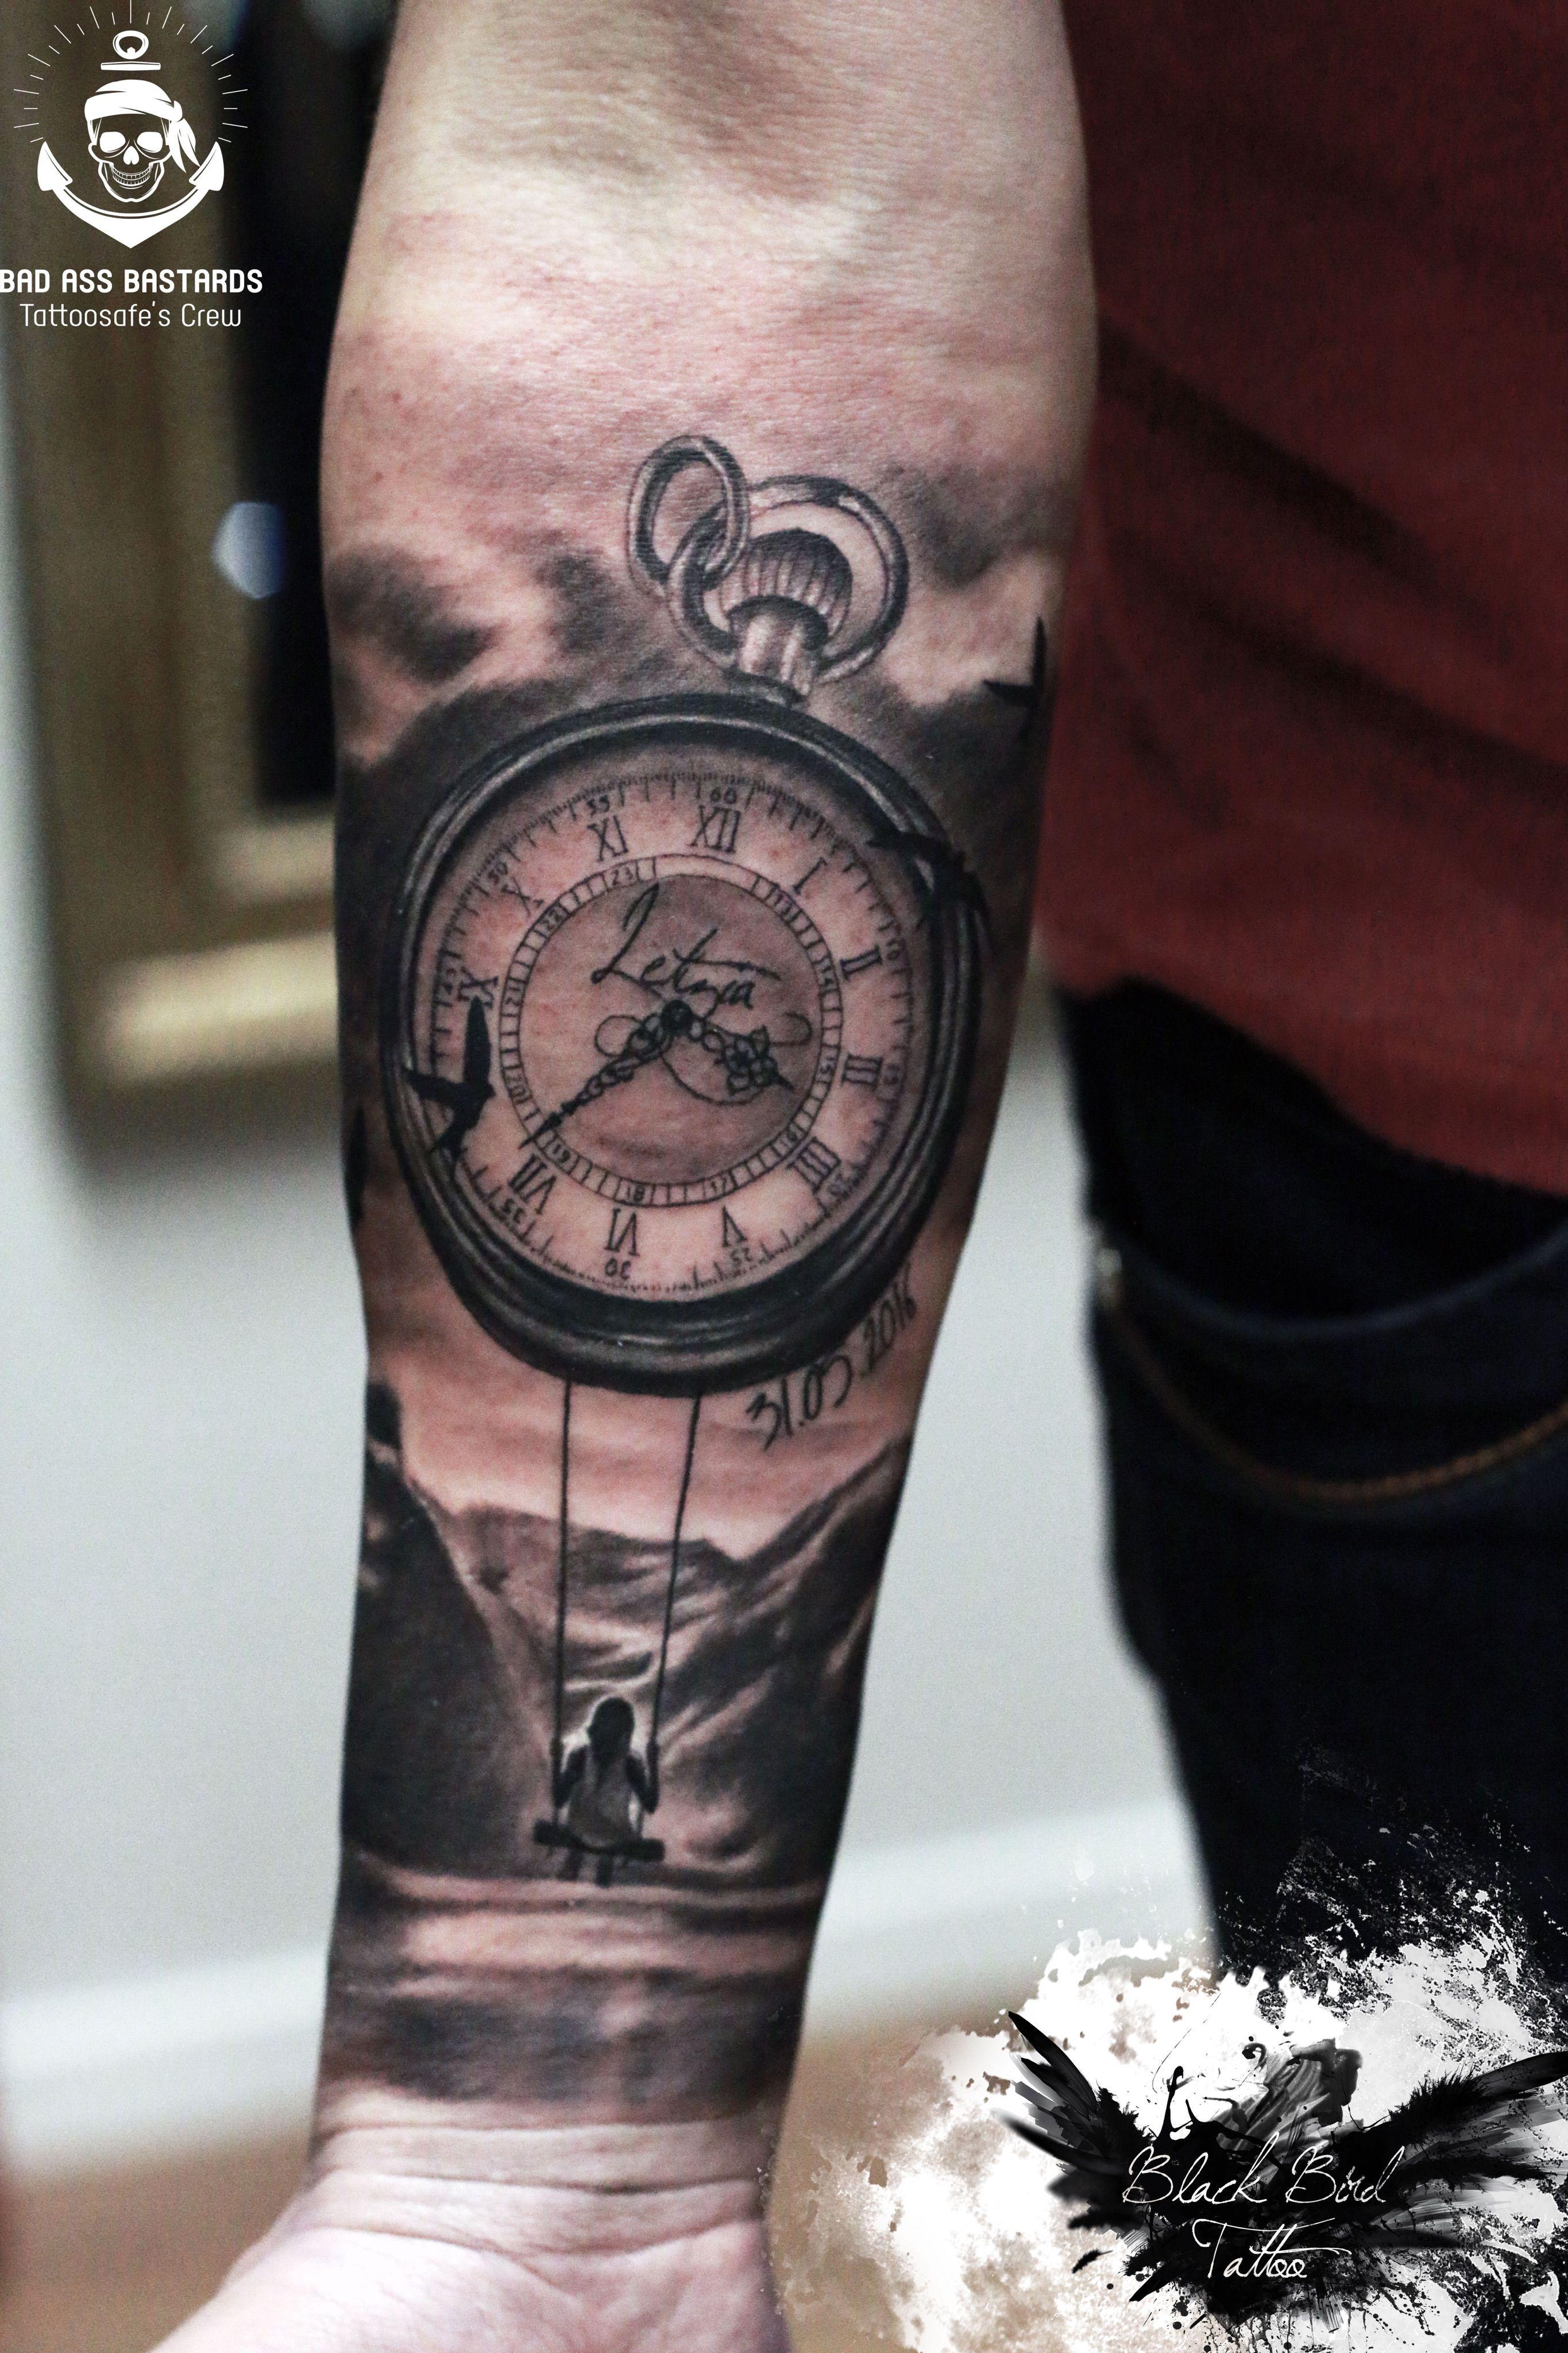 Tattoo ideas for men on arm gabriela  tattoos  pinterest  tattoos sleeve tattoos und tattoo